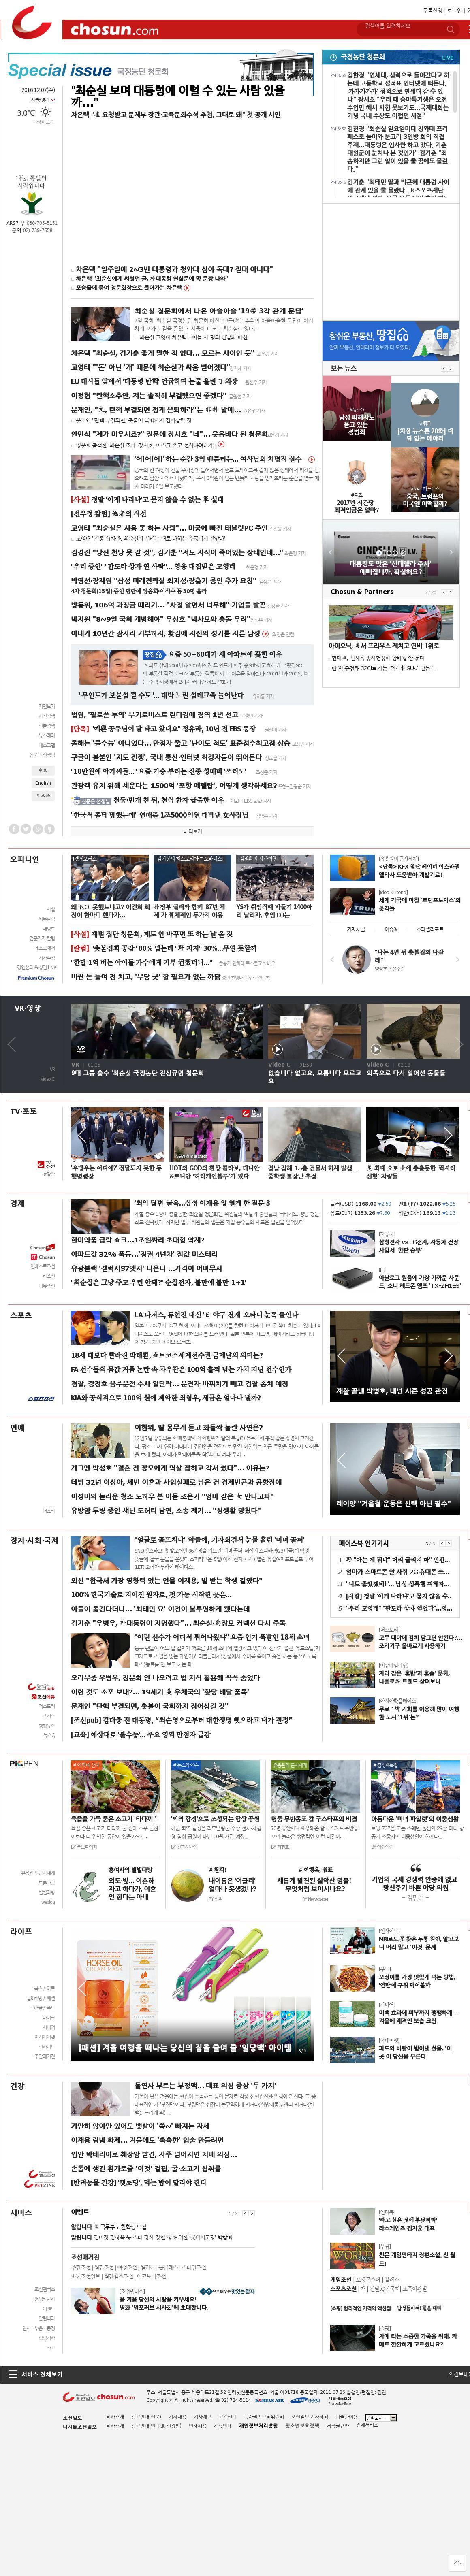 chosun.com at Wednesday Dec. 7, 2016, 12:02 p.m. UTC